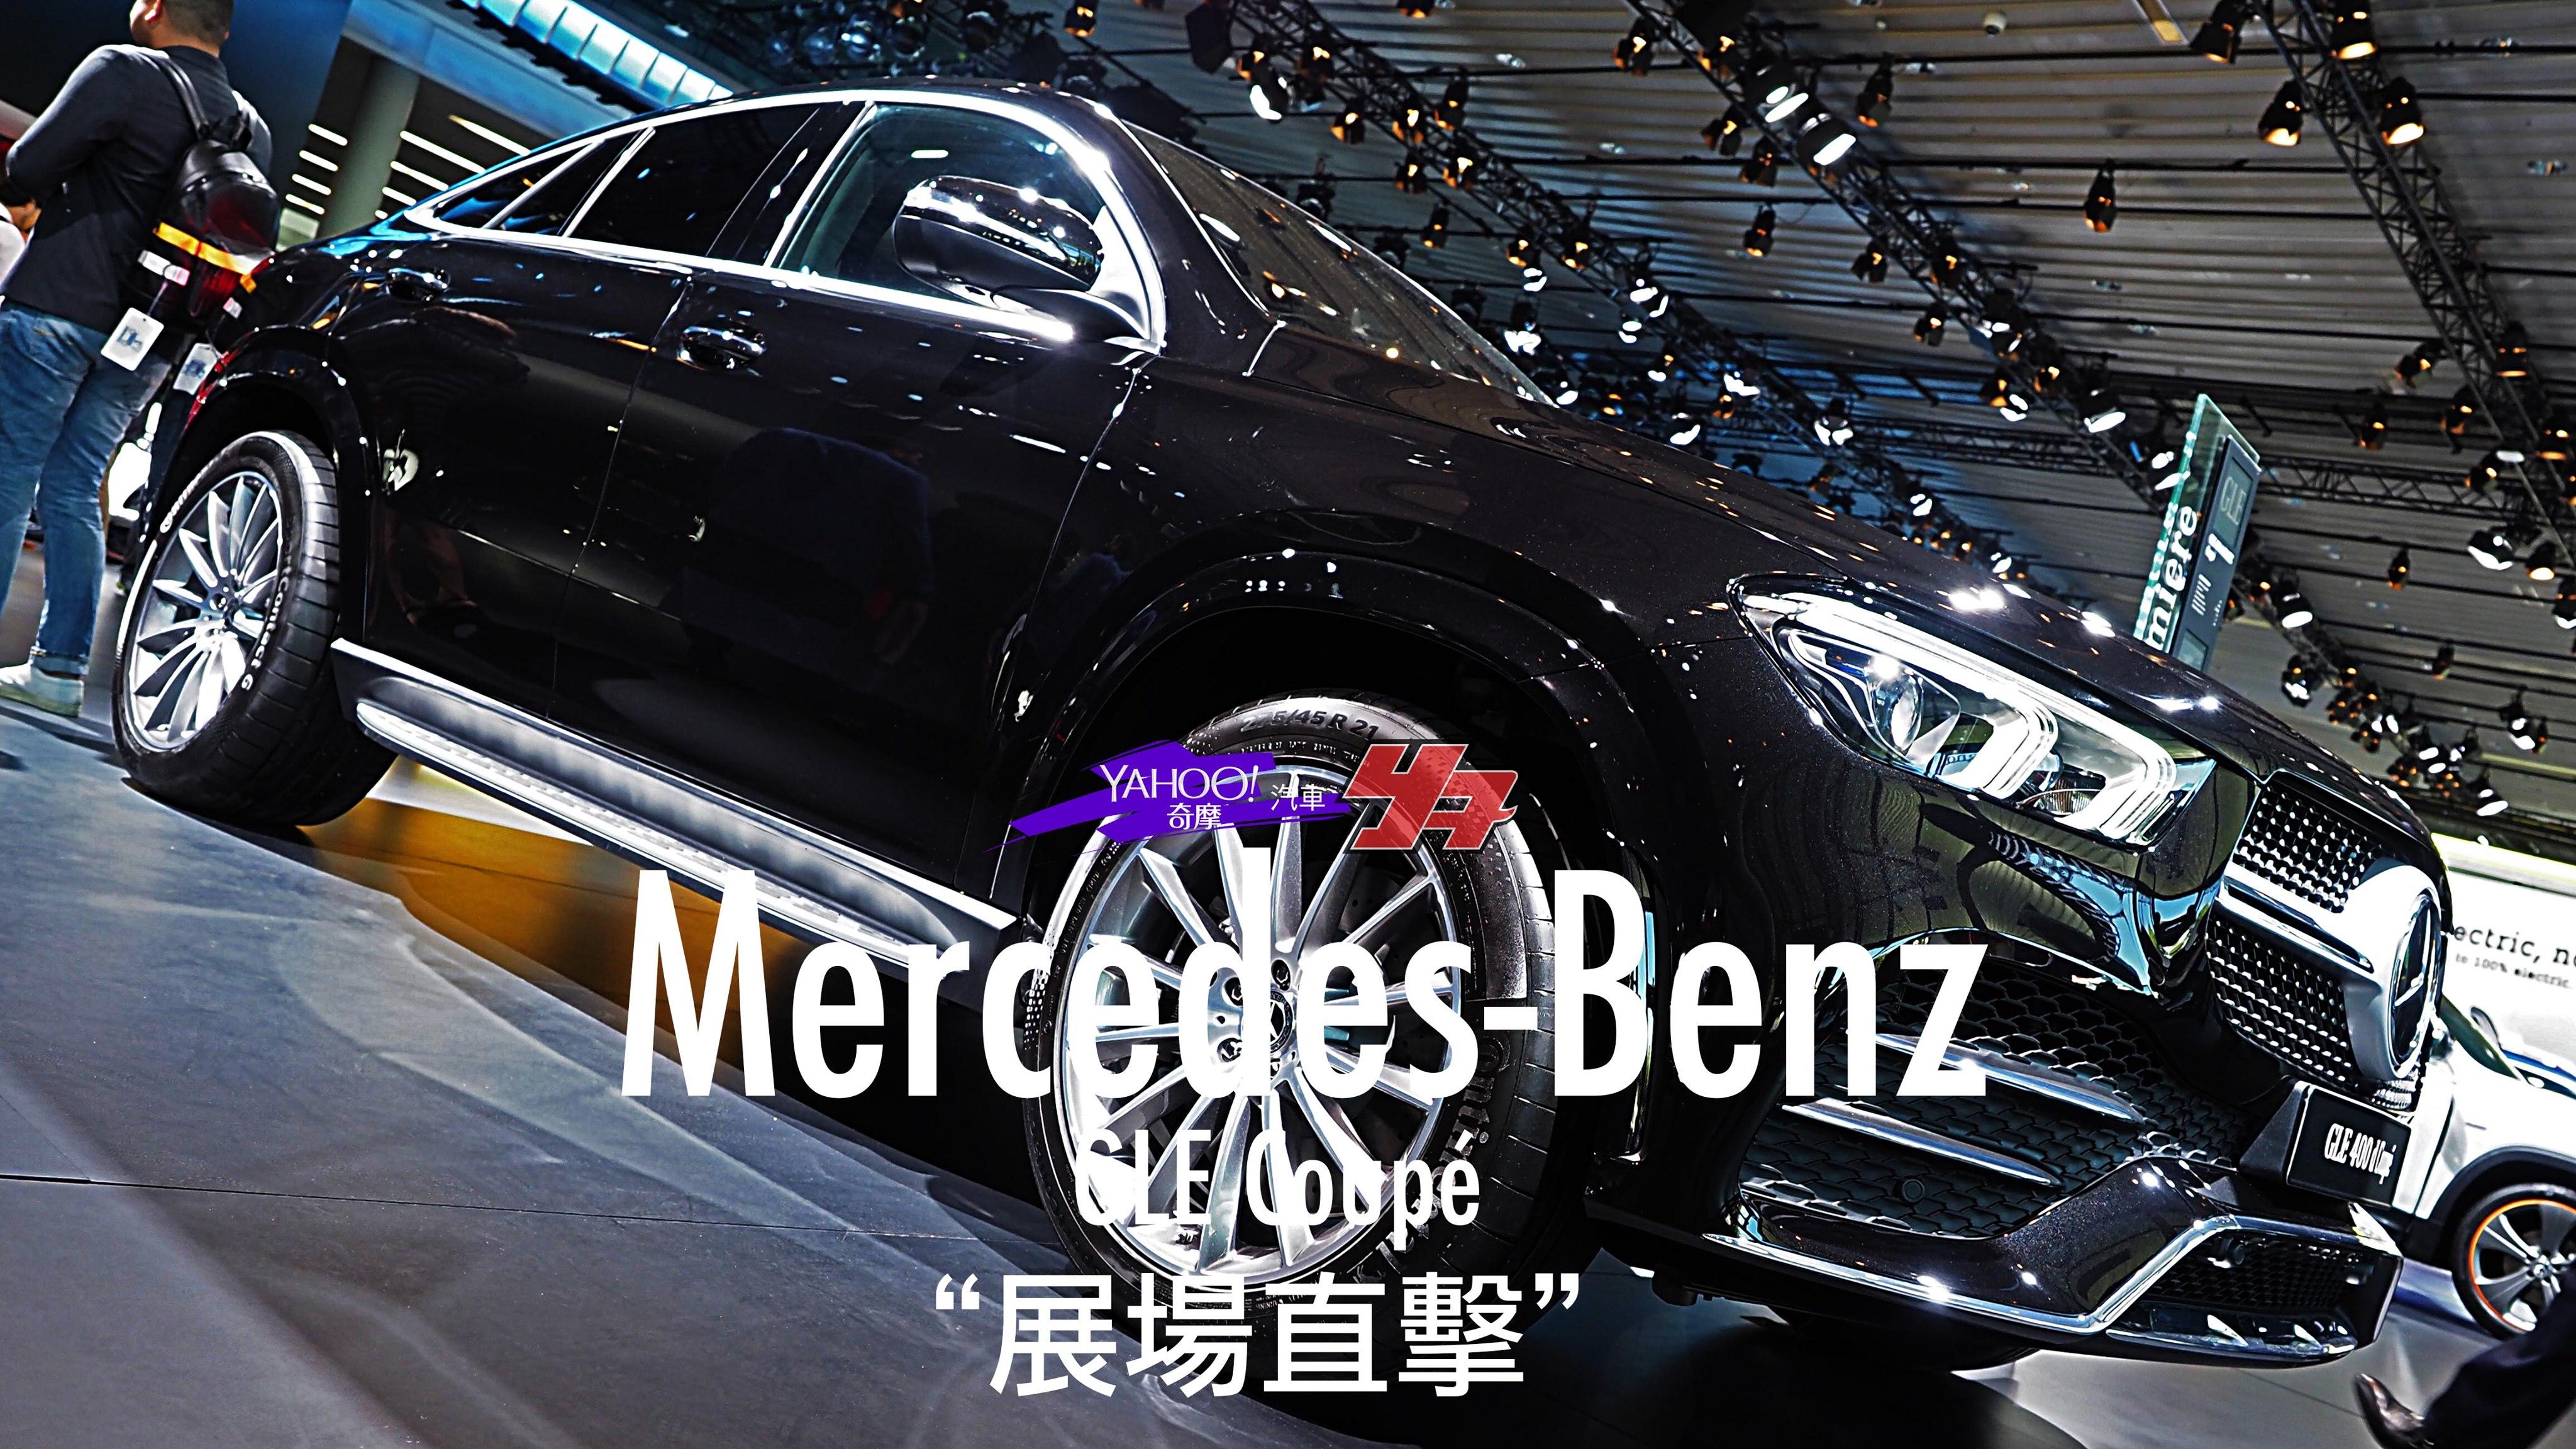 【2019法蘭克福車展直擊】長尾依然不同凡響!Mercedes-Benz第2代GLE Coupé展現跑格硬實力